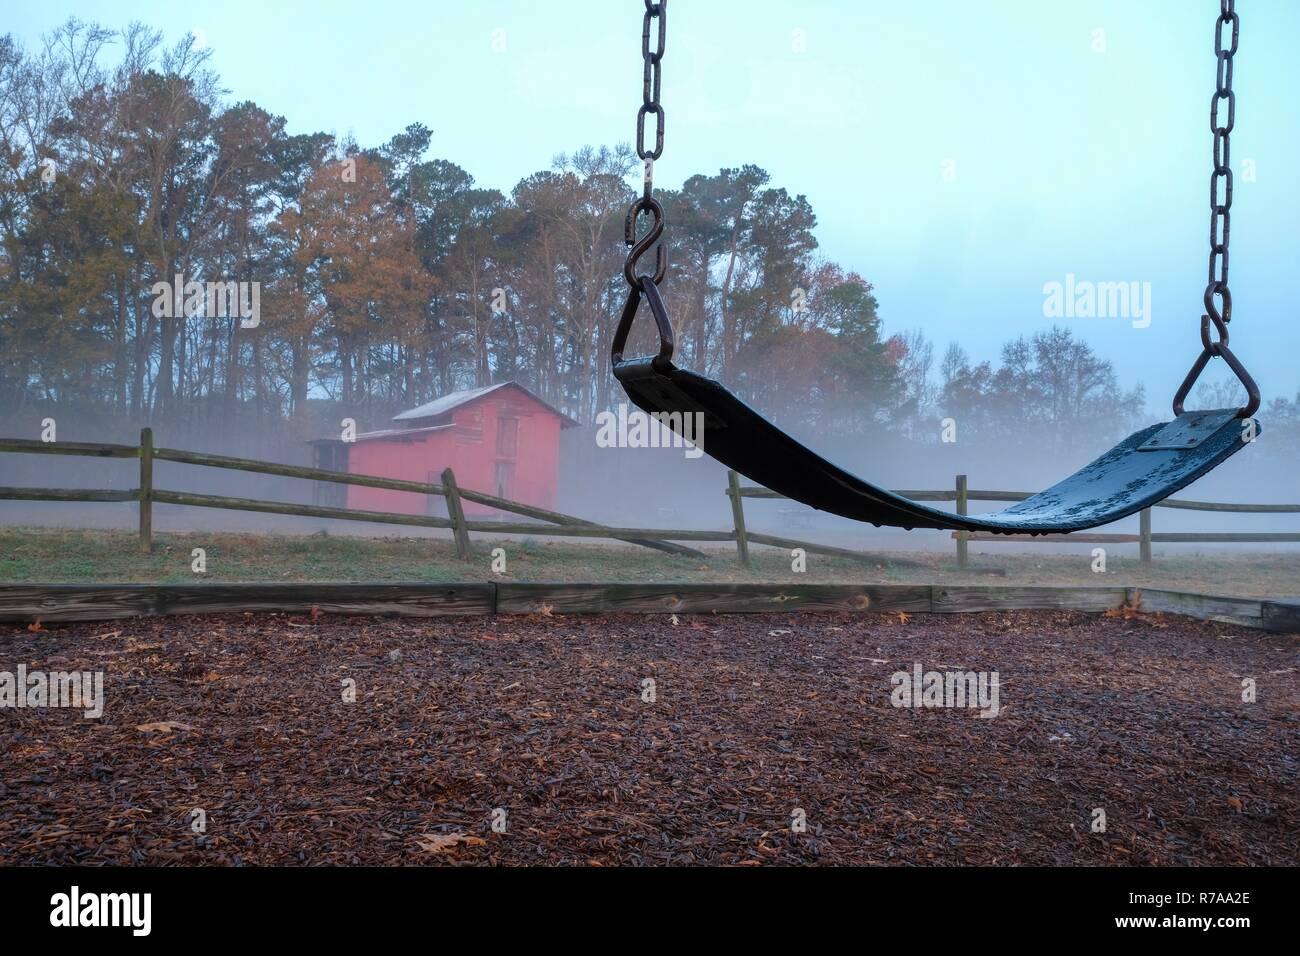 Una solitaria y melancólica escena de un columpio vacío con un viejo granero rojo y roto una valla de madera en una fresca mañana de niebla. Lago Benson Park en Garner Nort Imagen De Stock